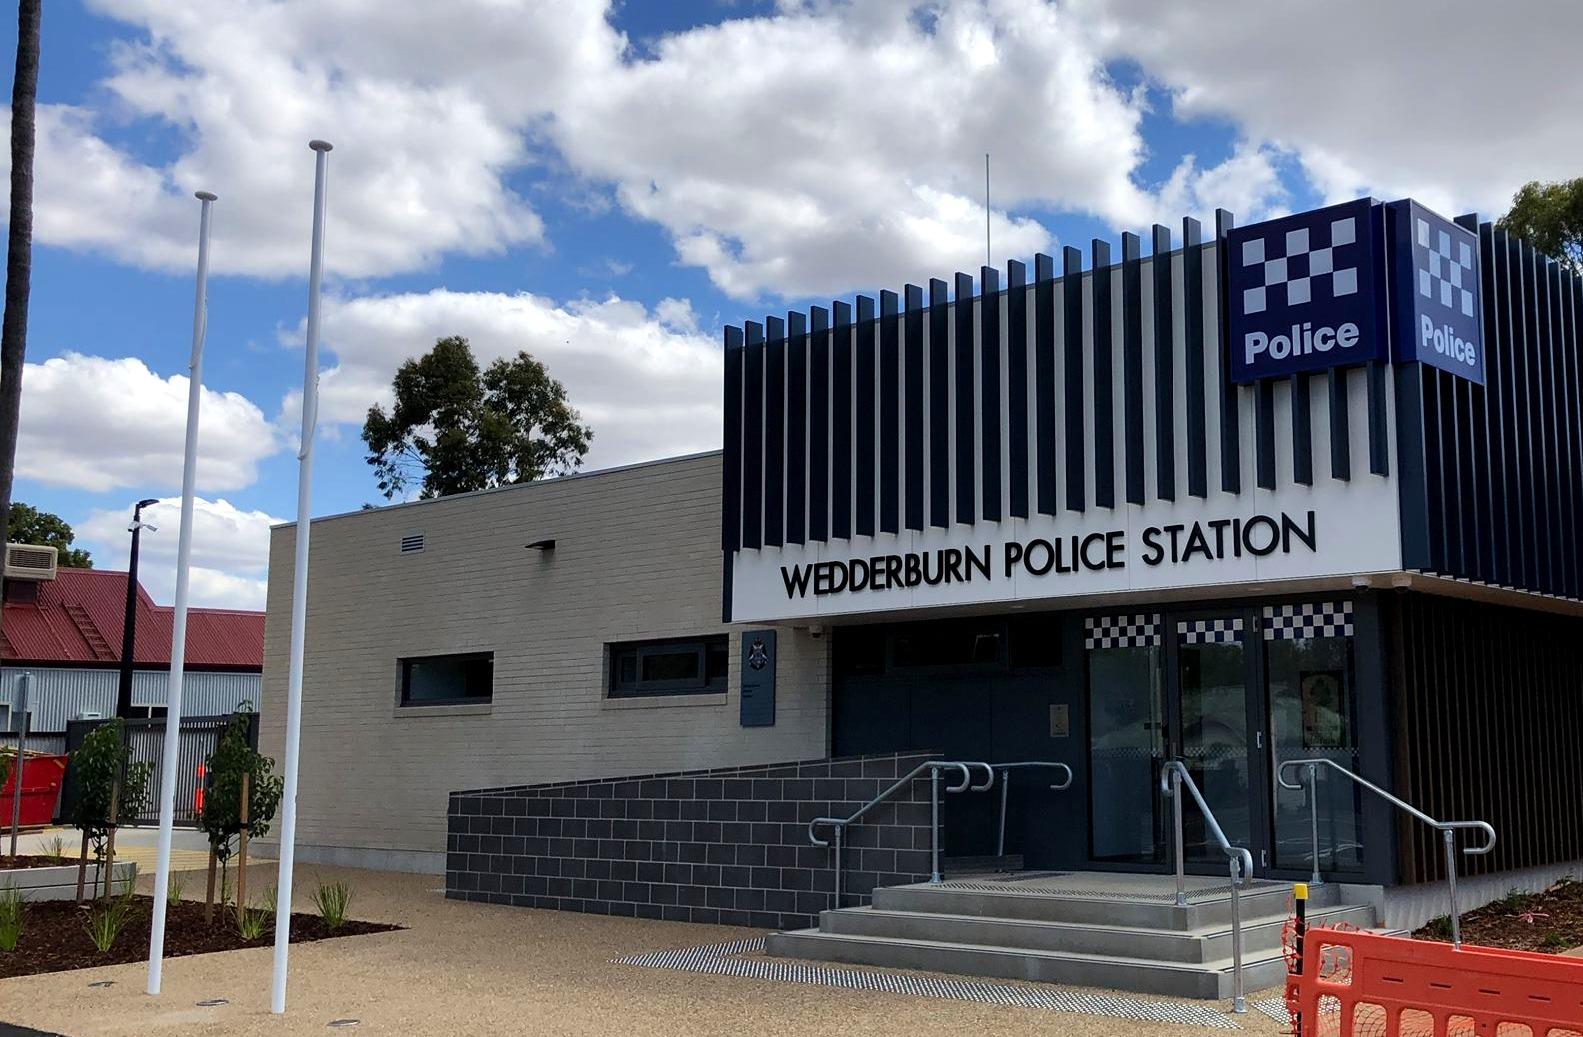 wedderburn police station